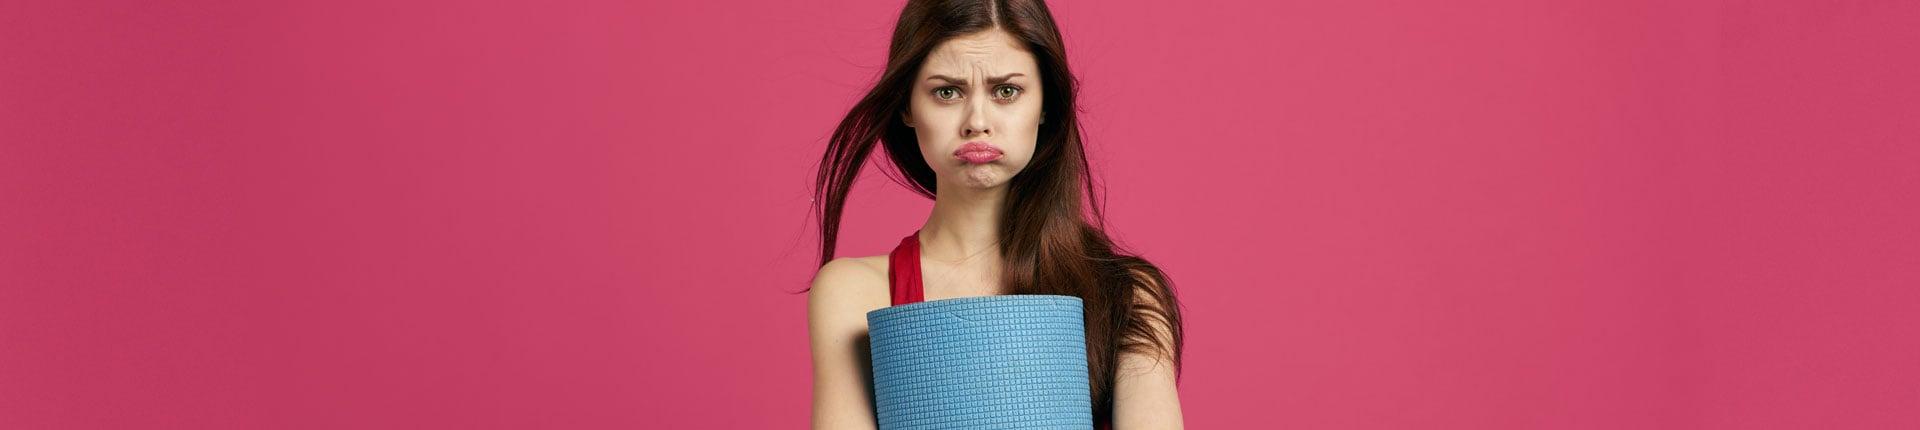 17 wskazówek jak zmienić swoje fit-życie w koszmar